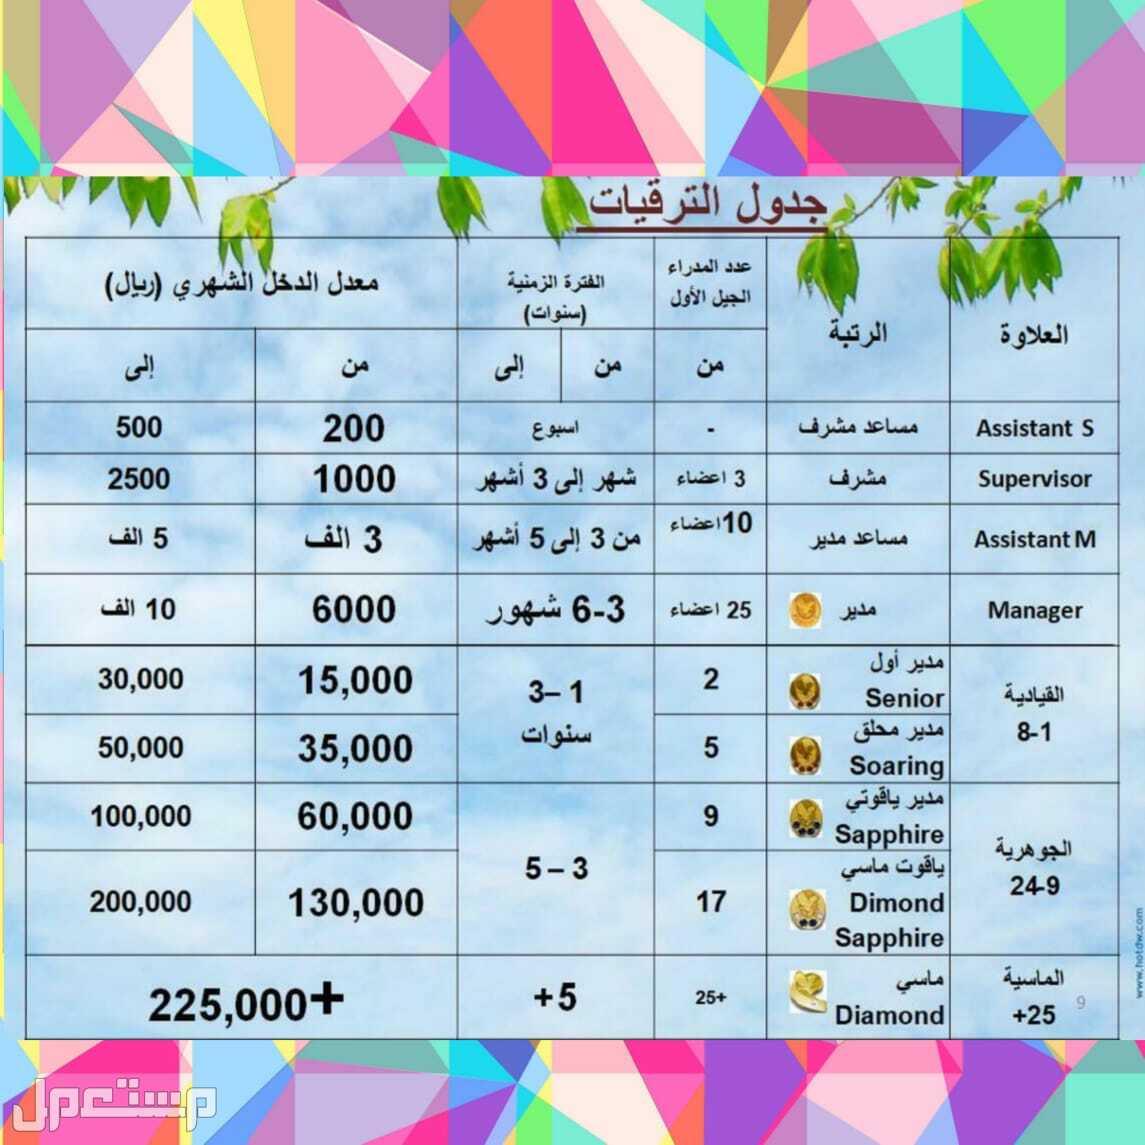 مكة المكرمة أرباح المبيعات والترقيات